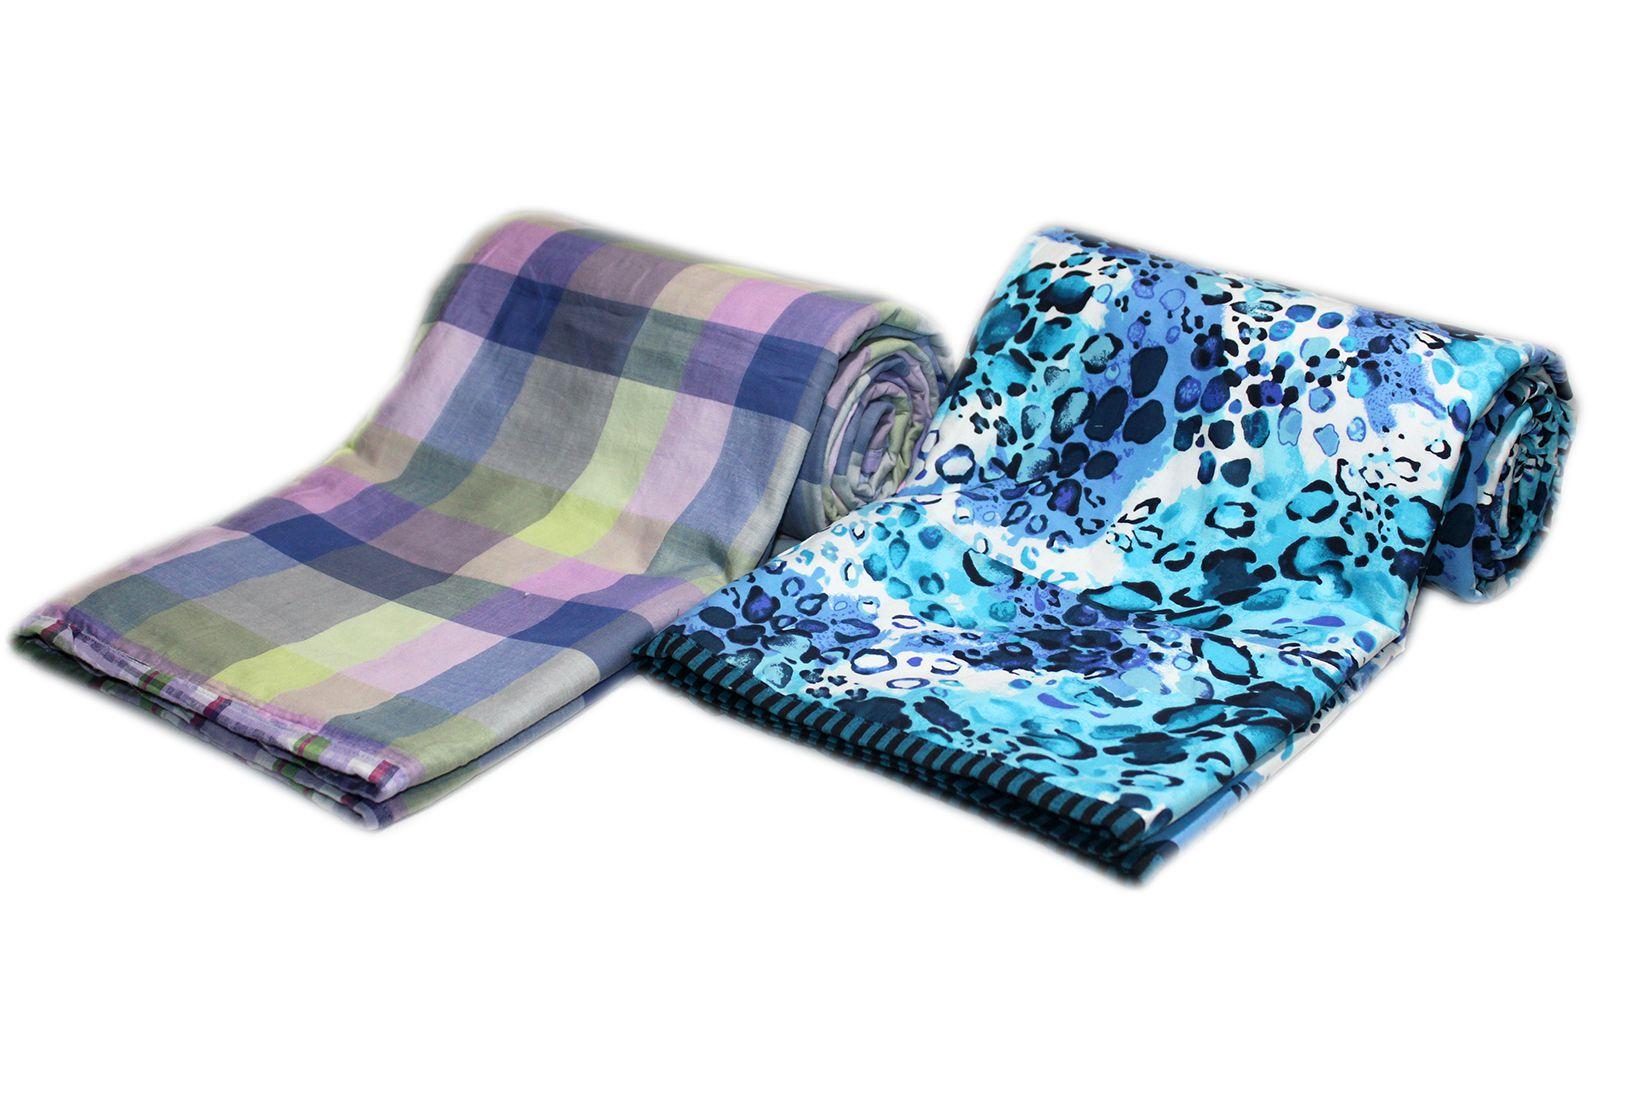 Elan Dreams Single Cotton Multi Contemporary Dohar Set of 2